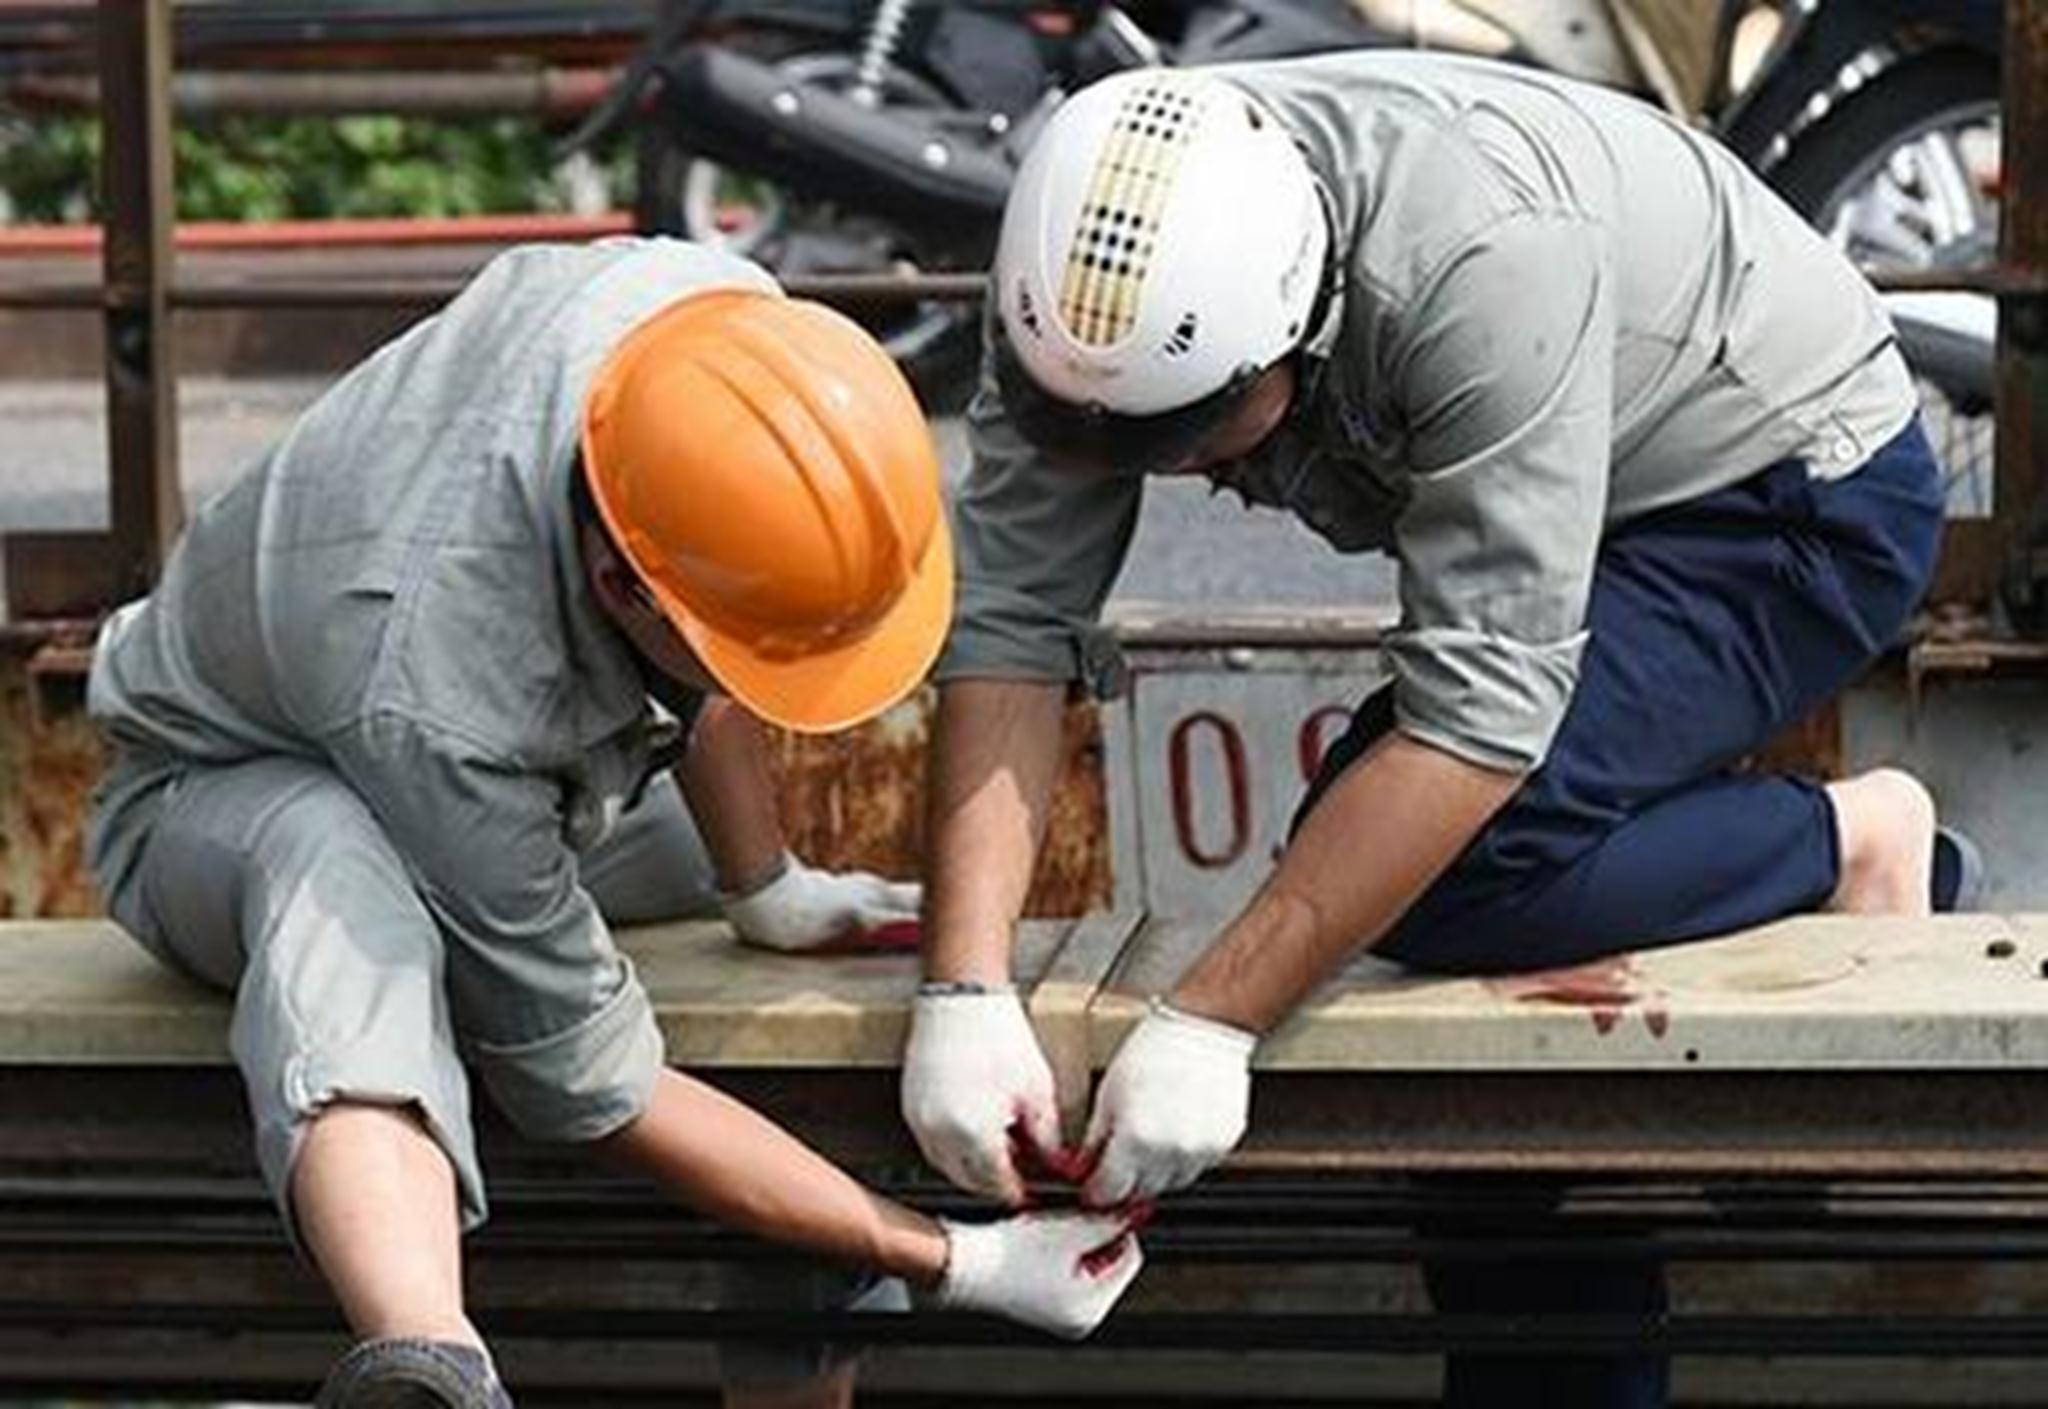 Là một công trình quan trọng của Thủ đô, cầu Long Biên sẽ được tu bổ, sửa chữa một cách kĩ càng, cẩn thận.